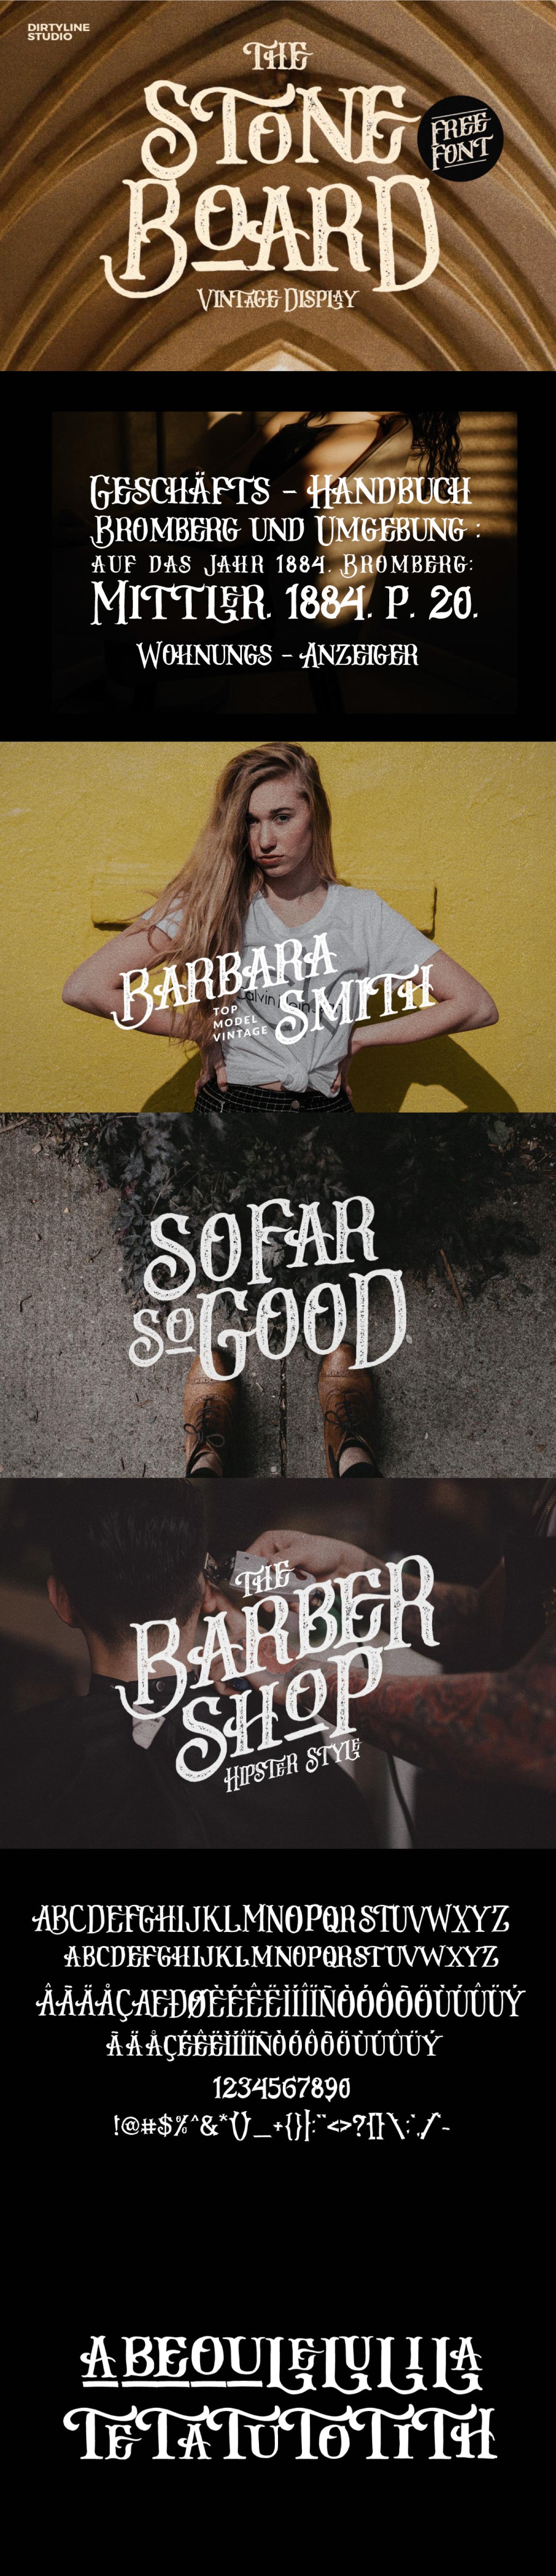 Display font free freebie logo poster serif Typeface vintage